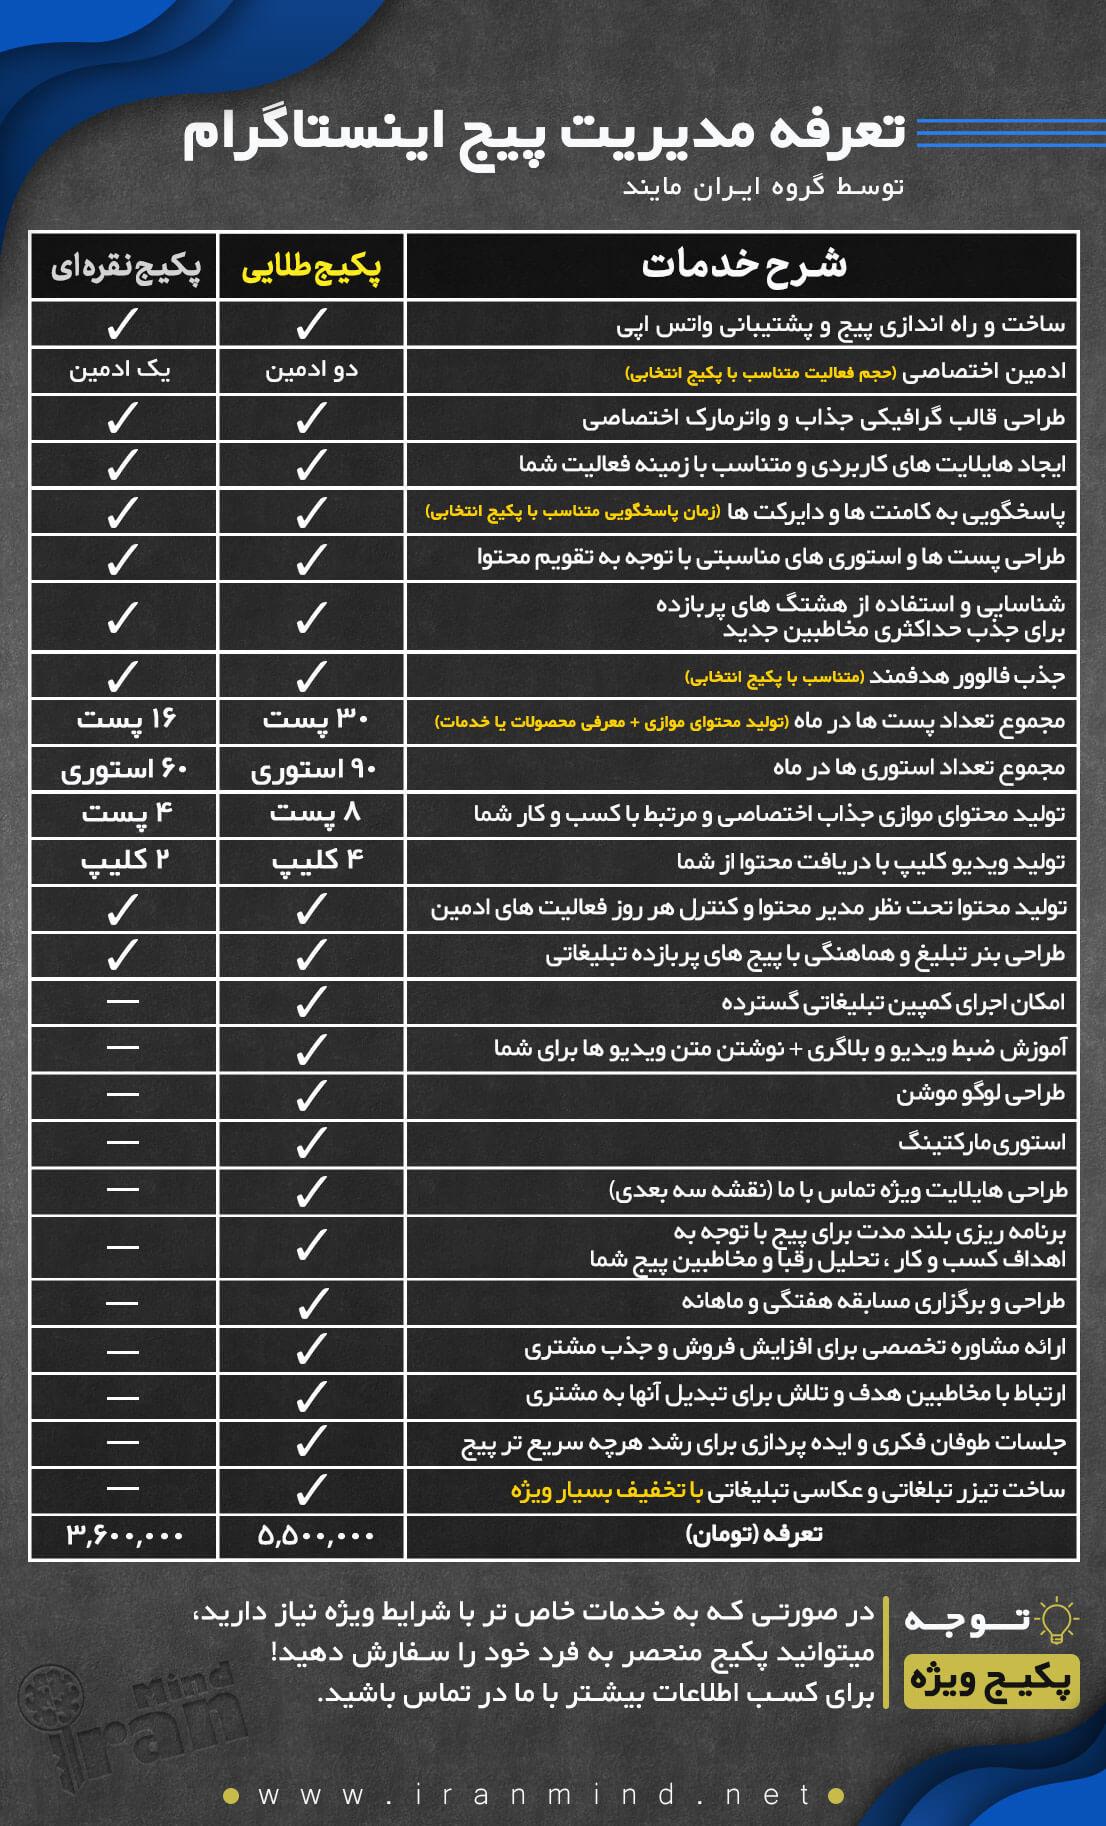 تعرفه مدیریت پیج اینستاگرام توسط ادمین اینستاگرام در ایران مایند